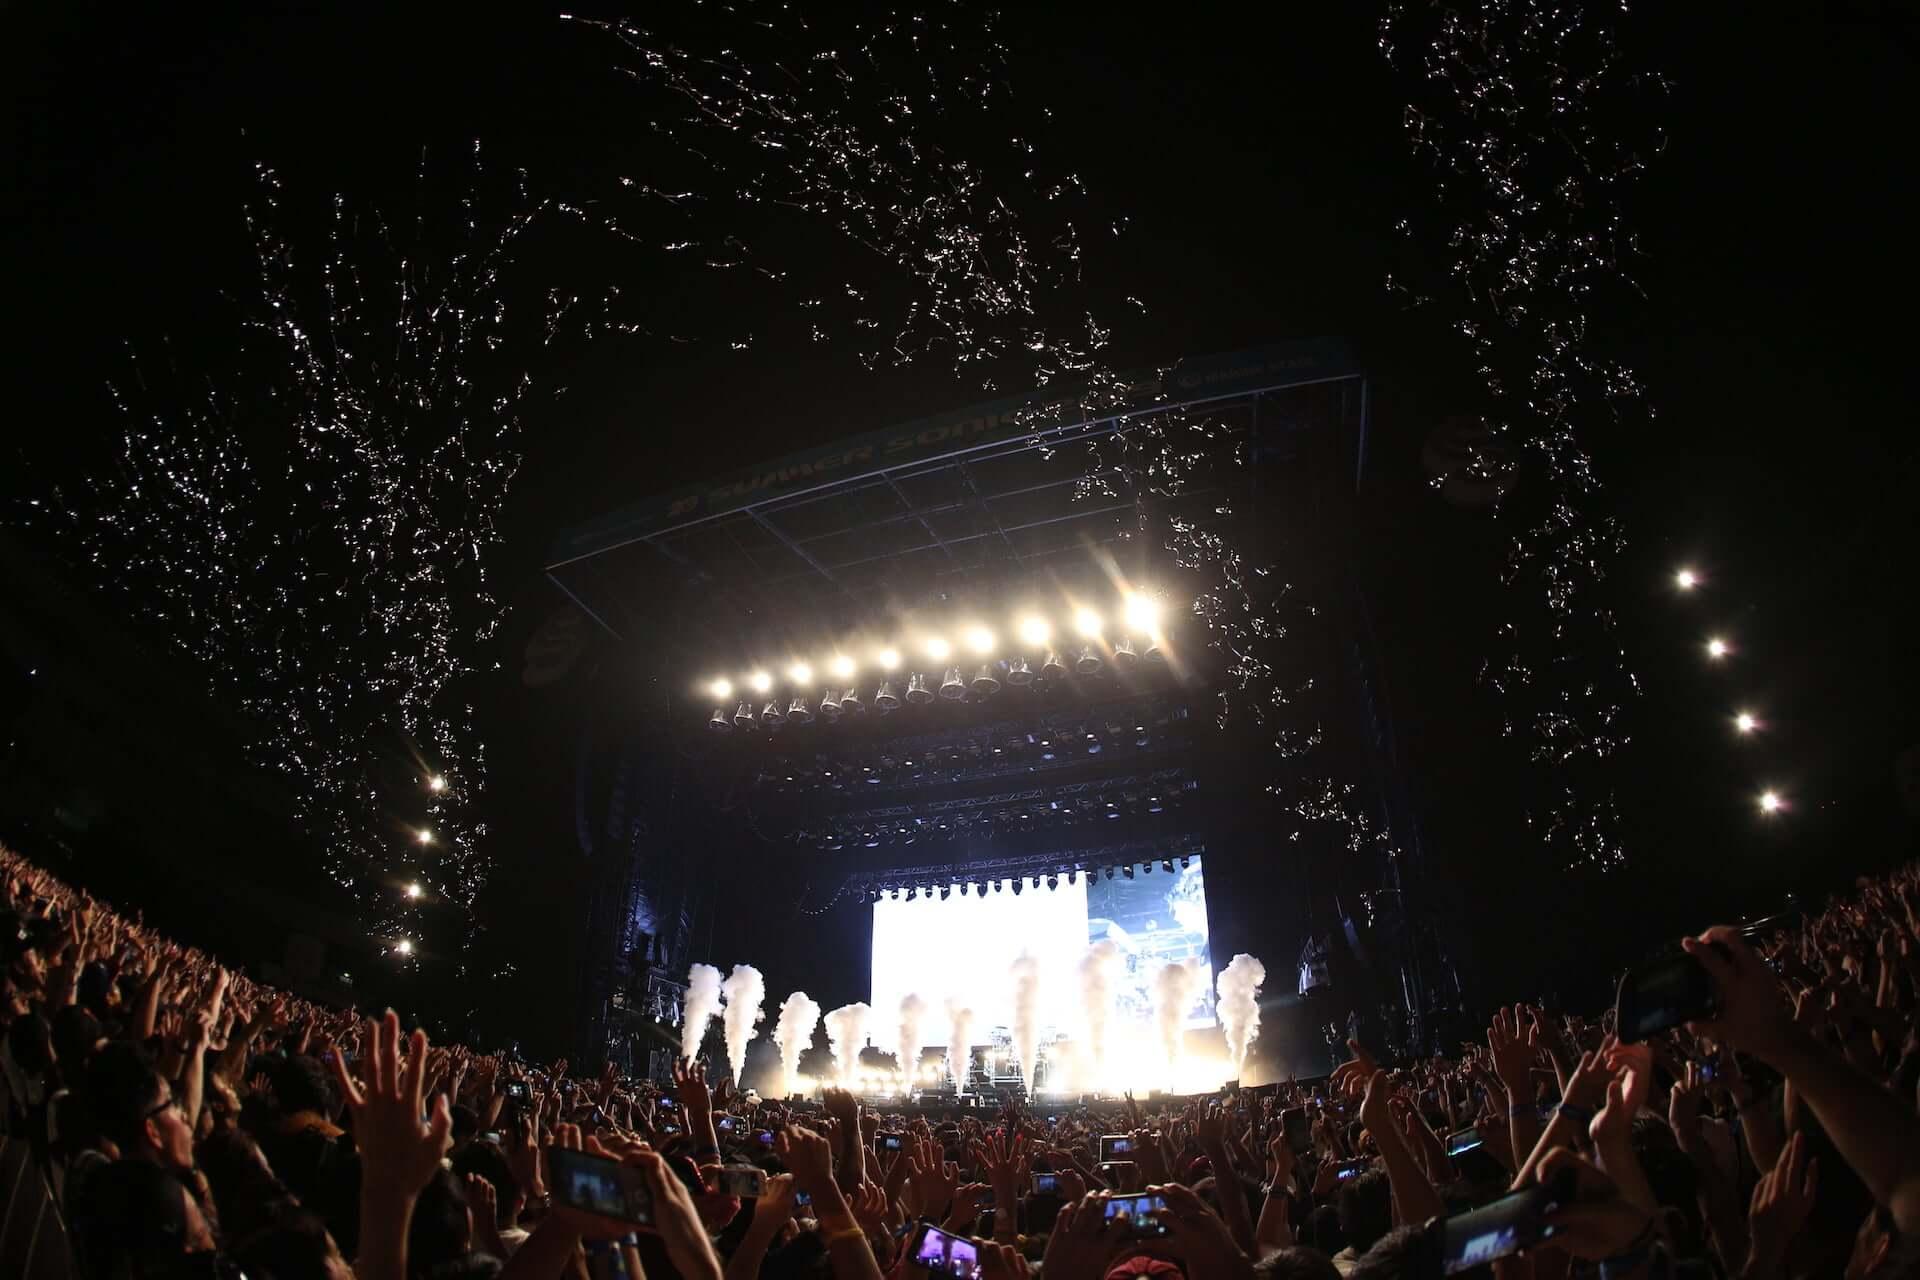 日本のトップ・キュレーター/DJ、TJOがThe Chainsmokersの最新アルバム『ワールド・ウォー・ジョイ』をプレイヤー目線で徹底検証 music0307_chainsmokers_02-1920x1280